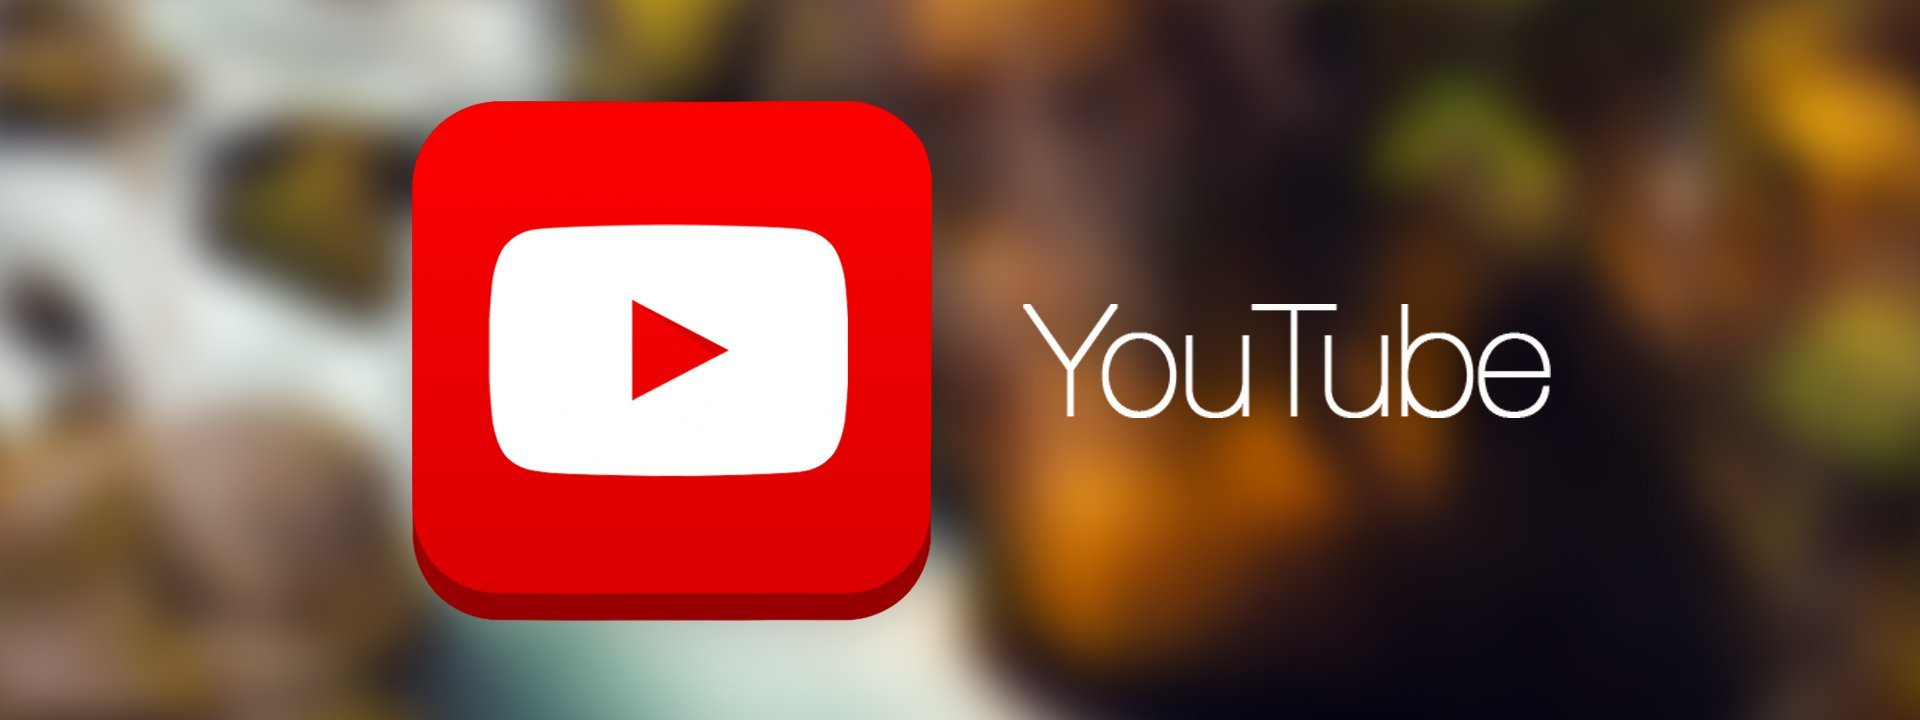 YouTube 11.01 affiche désormais correctement toutes les vidéos visionnées